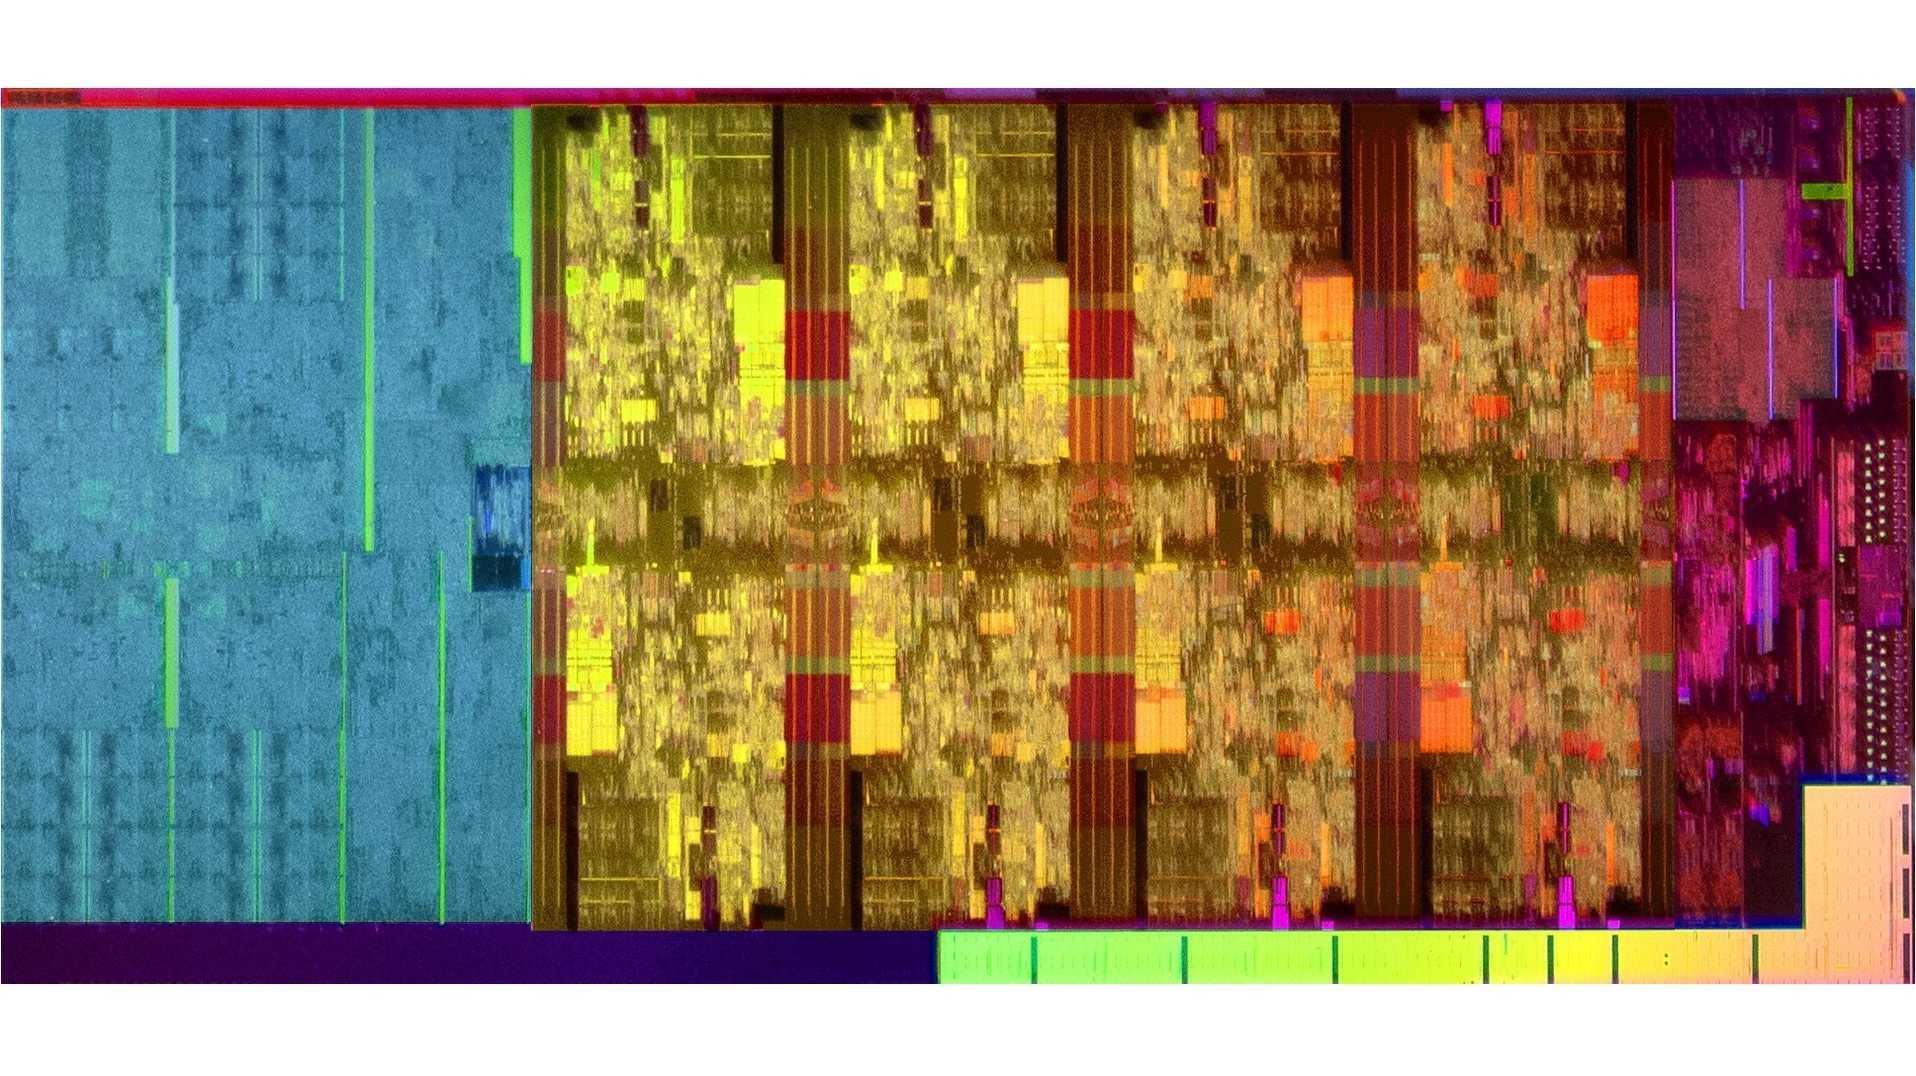 Die-Shot des Intel Core i9-9900K mit acht CPU-Kernen